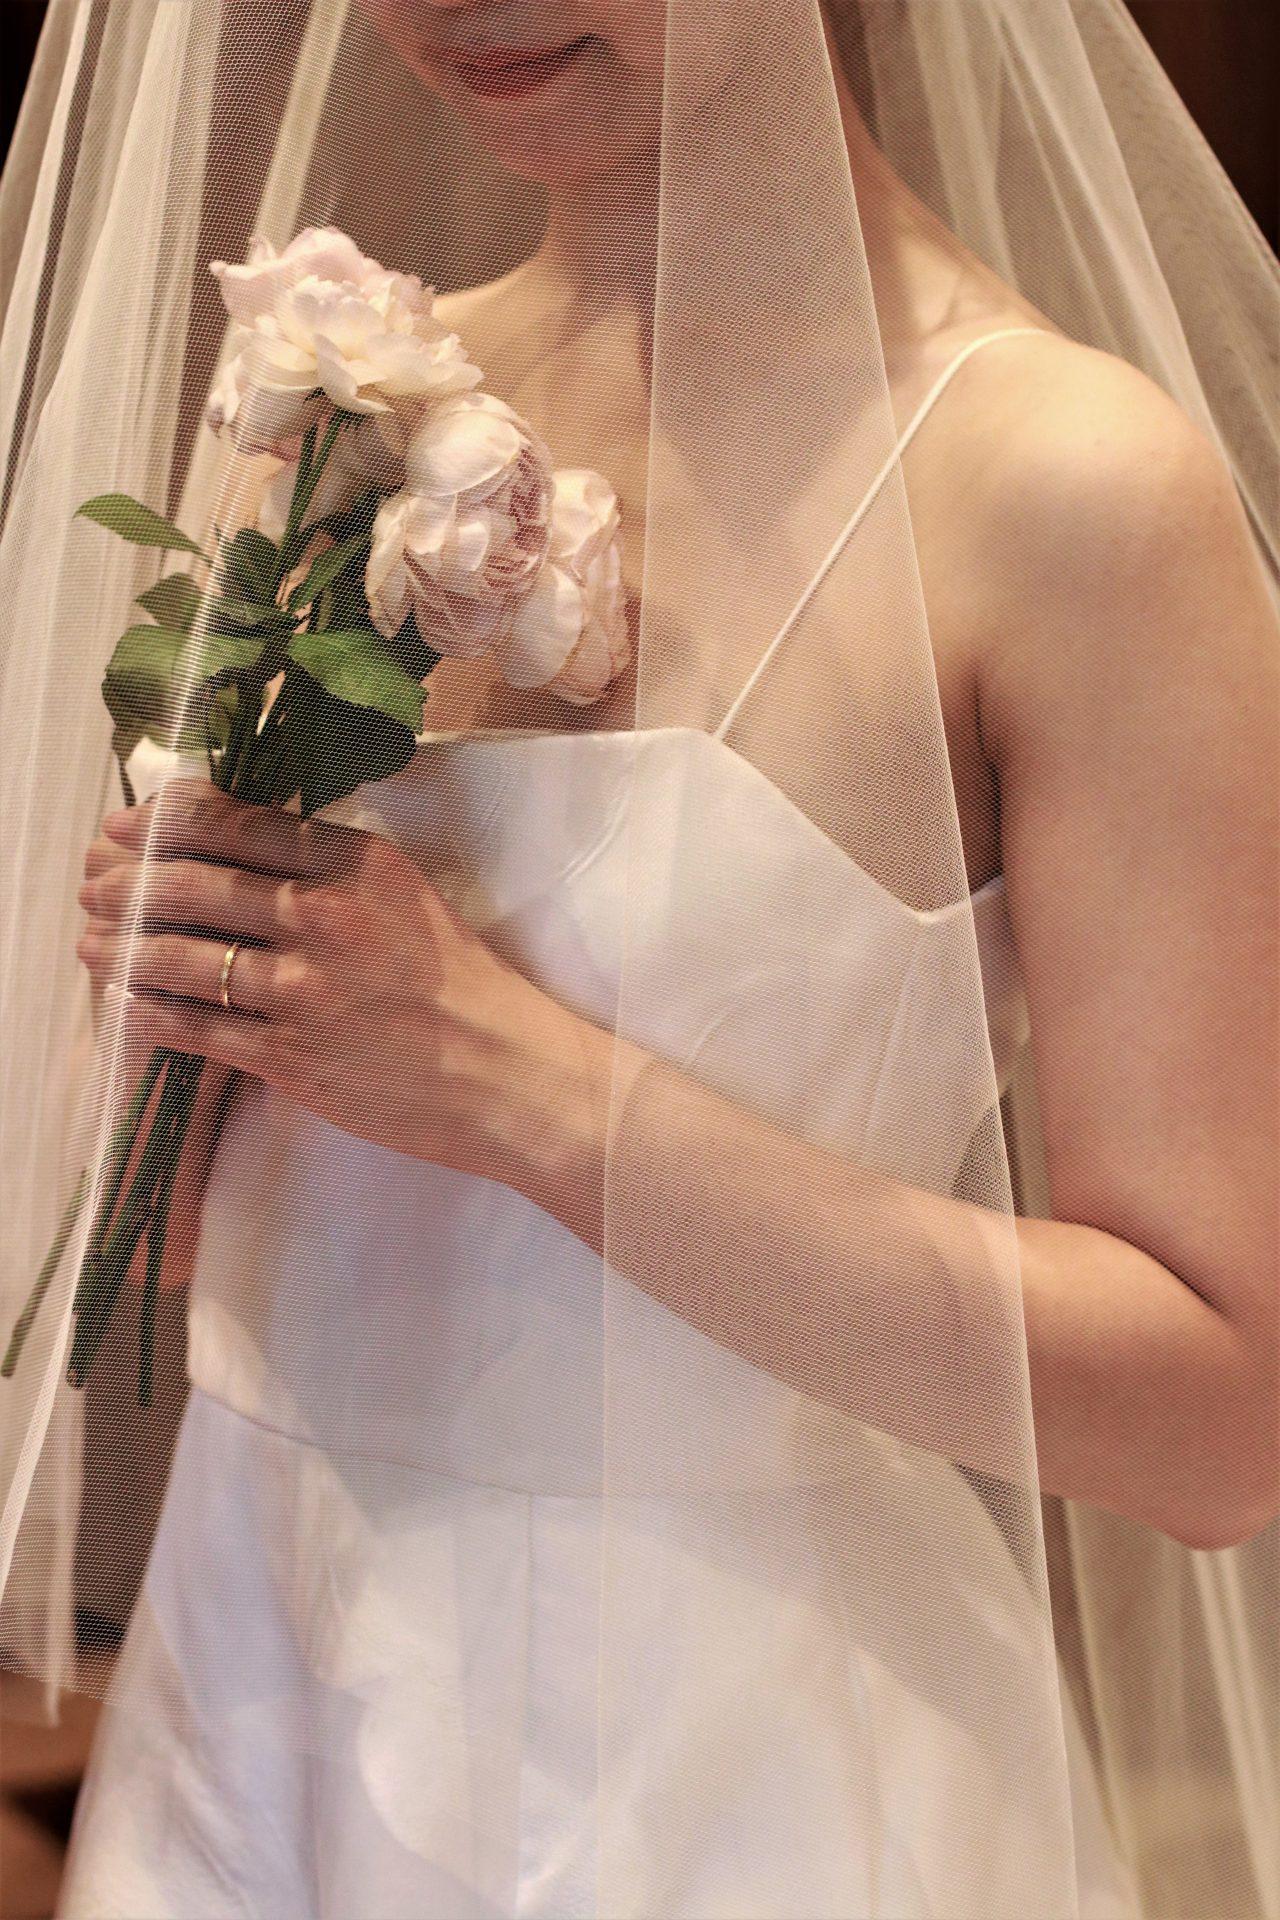 シンプルが好きな花嫁が選んだのは、レラ・ローズのAラインのウェディングドレスに、薄ピンクのバラを数本束ねただけのシングルブーケを合わせた、他の花嫁と被らないお洒落なコーディネートです